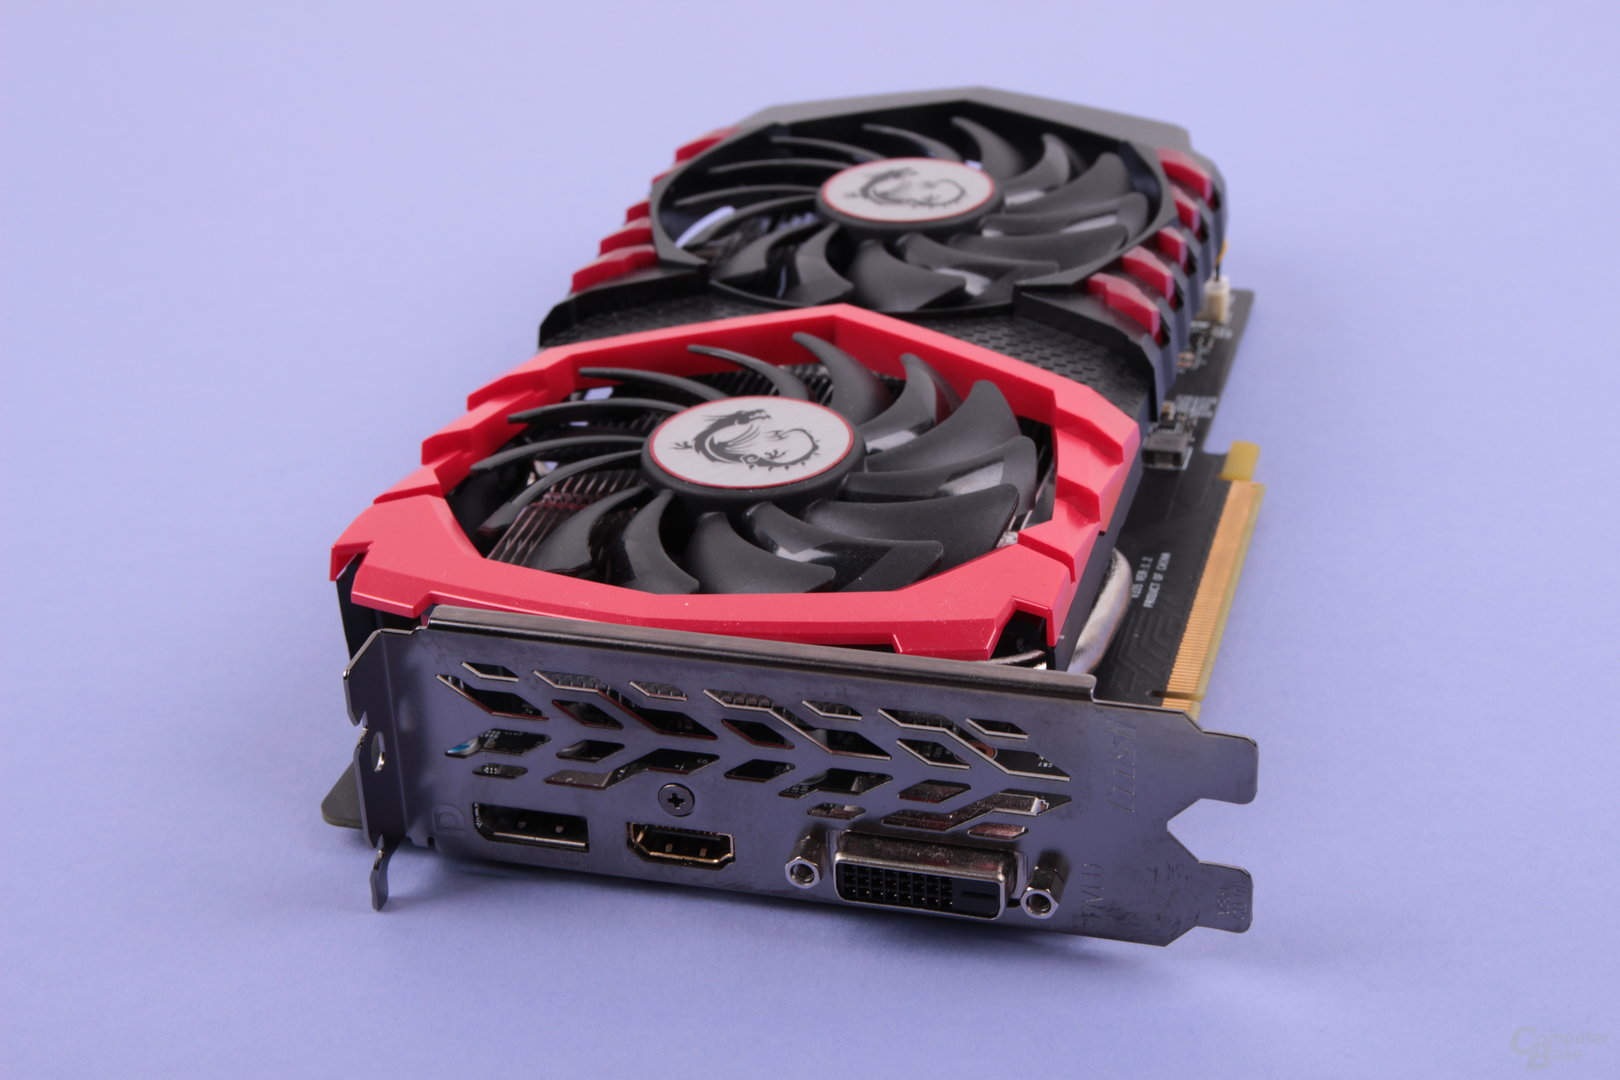 MSI GeForce GTX 1050 (Ti) Gaming